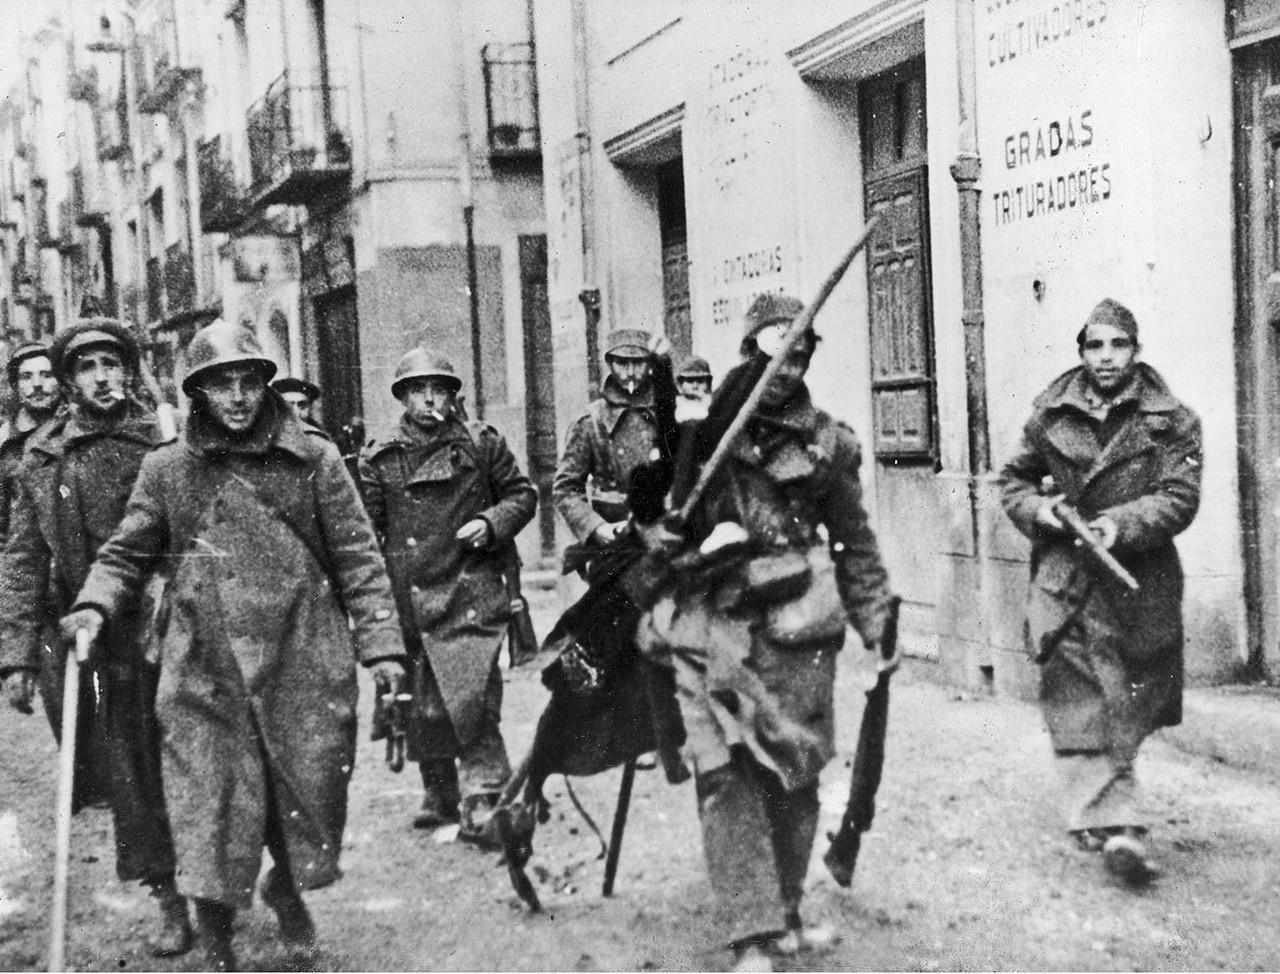 Республиканские солдаты Народного фронта Испании.